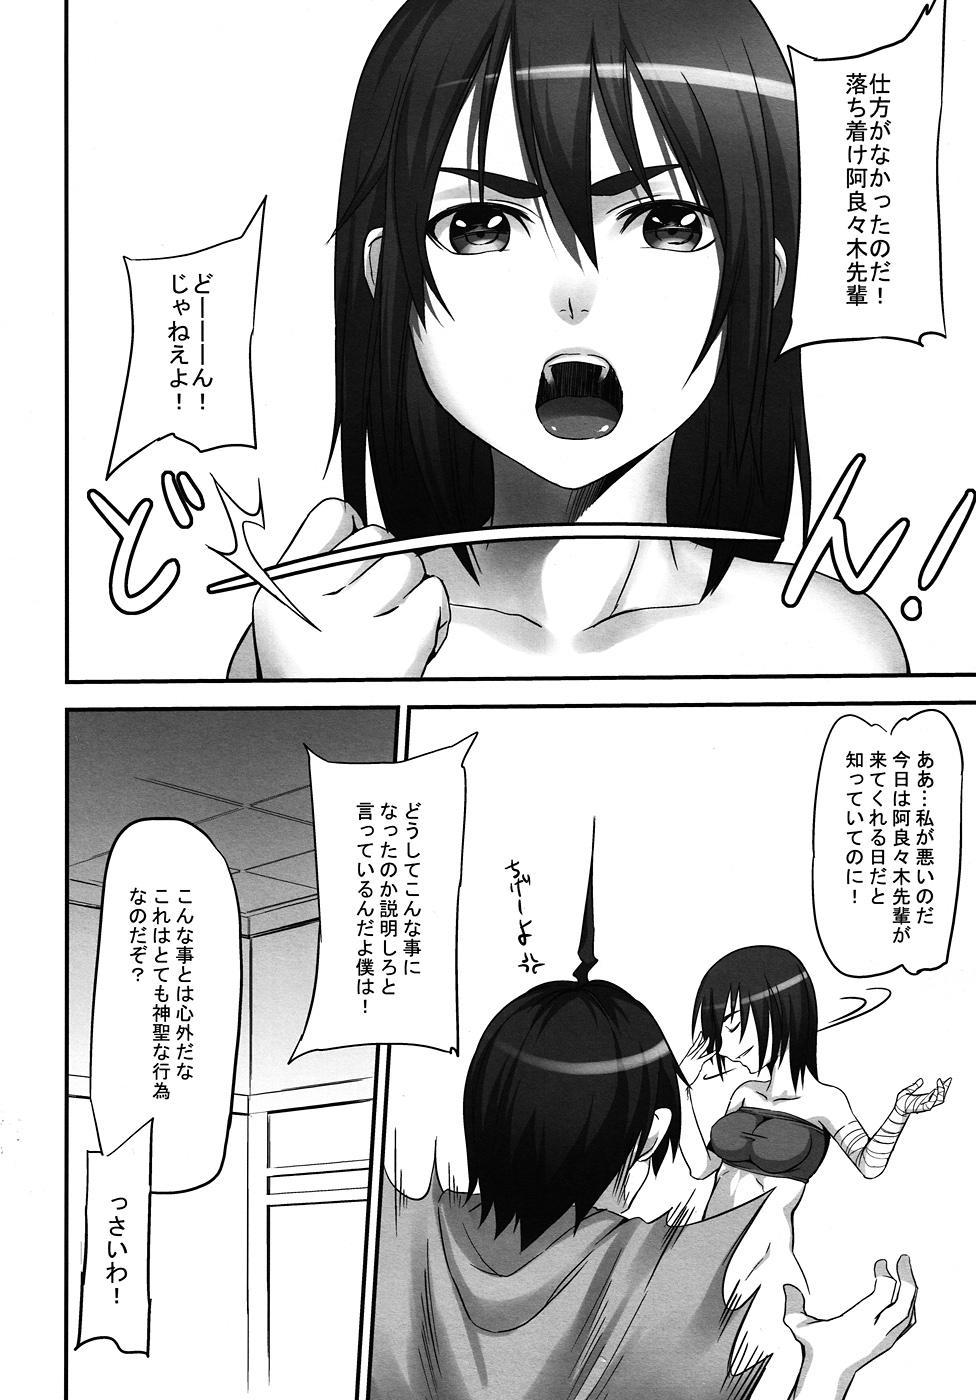 Saru no Hito to Dekkai hou tono Yatsu 2